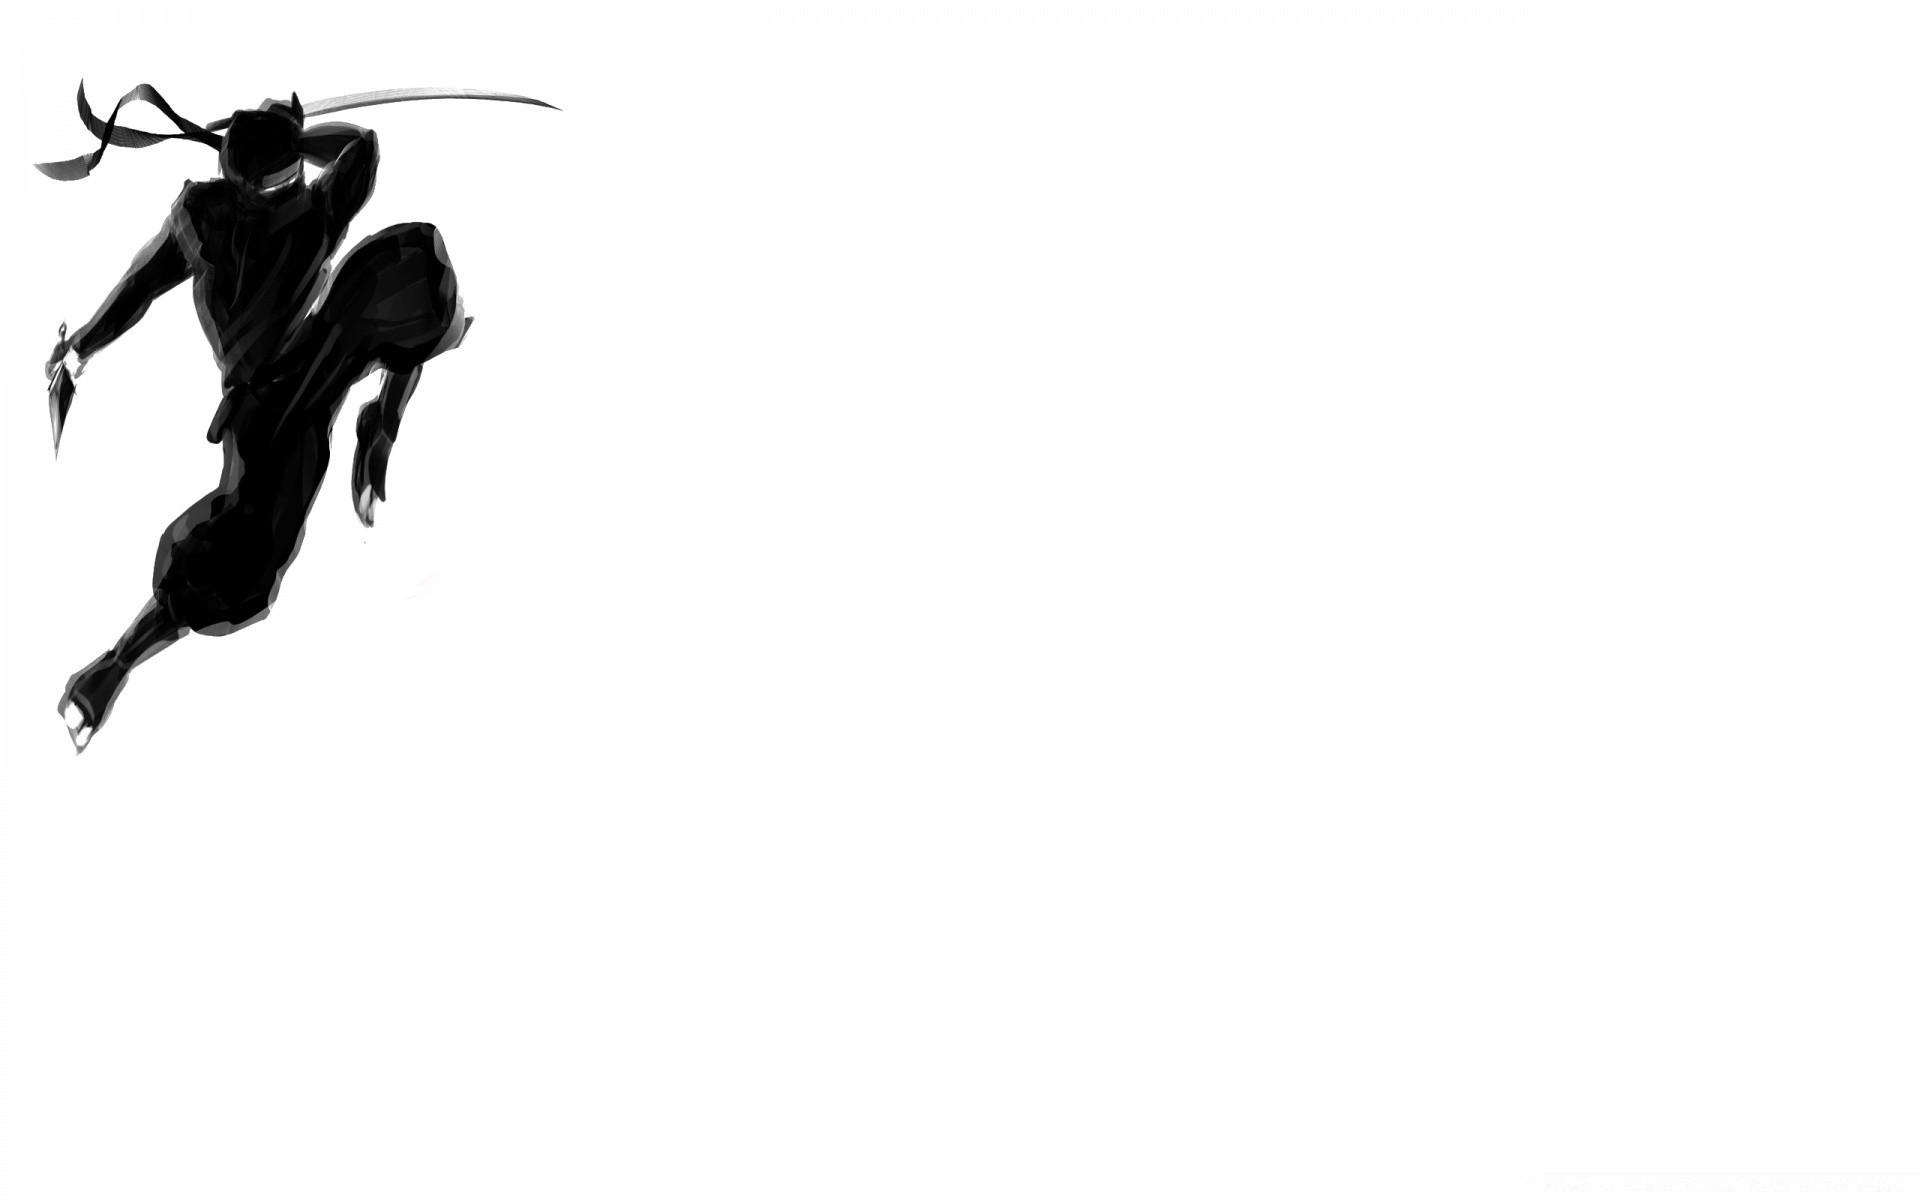 отмечает, что картинки ниндзя на черном фоне кружке